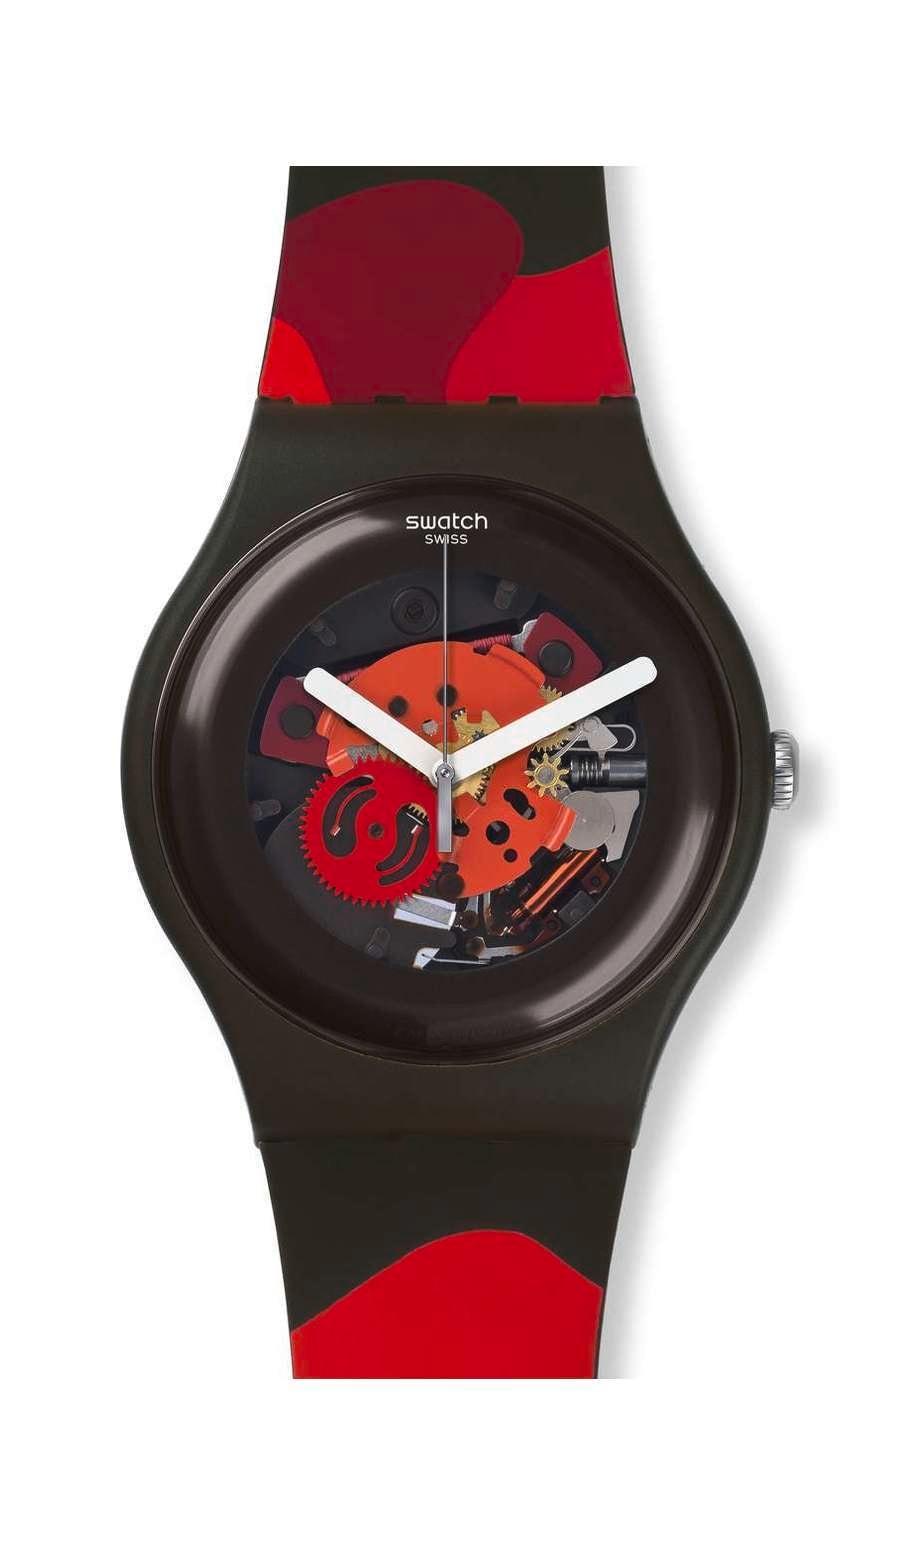 Swatch - TSCHURTSCHEN - 1